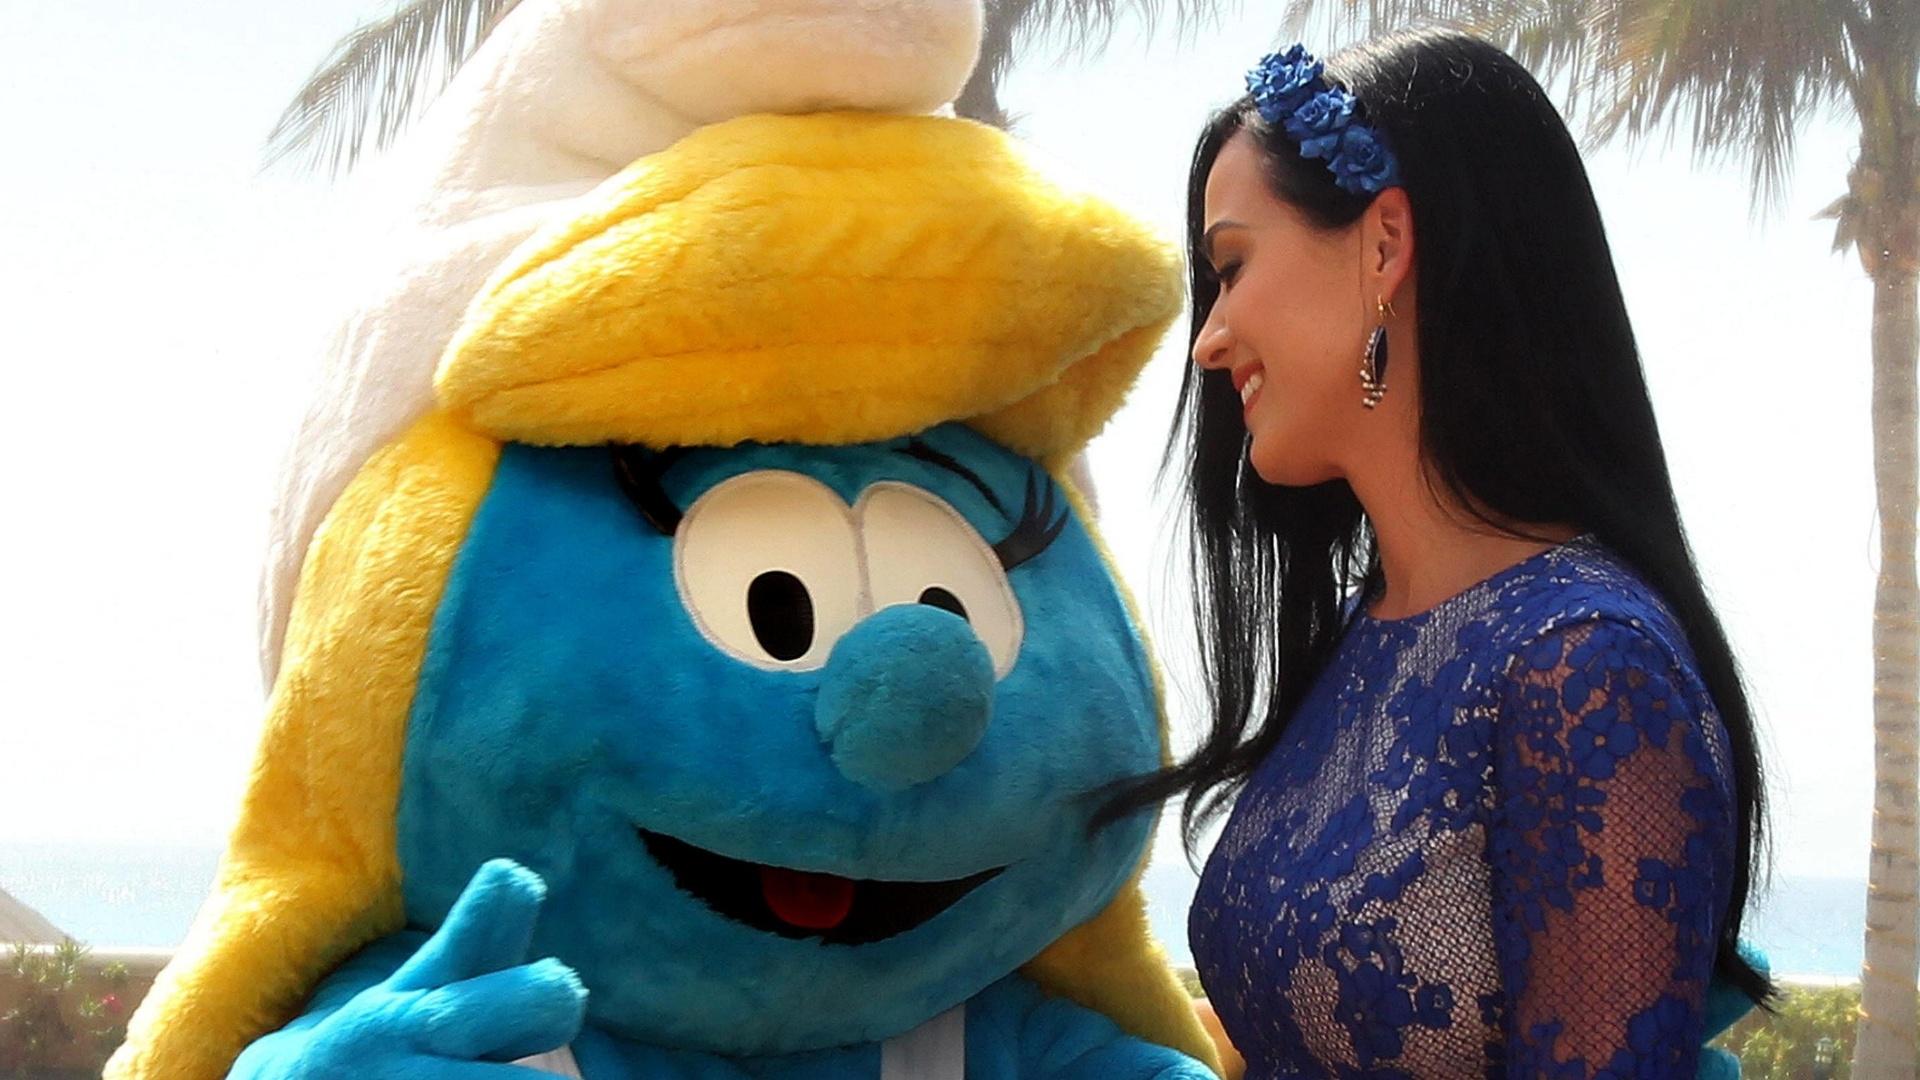 22.Abr.2013 - Katy Perry aparece ao lado da personagem Smurfette, para quem empresta a voz na continuação